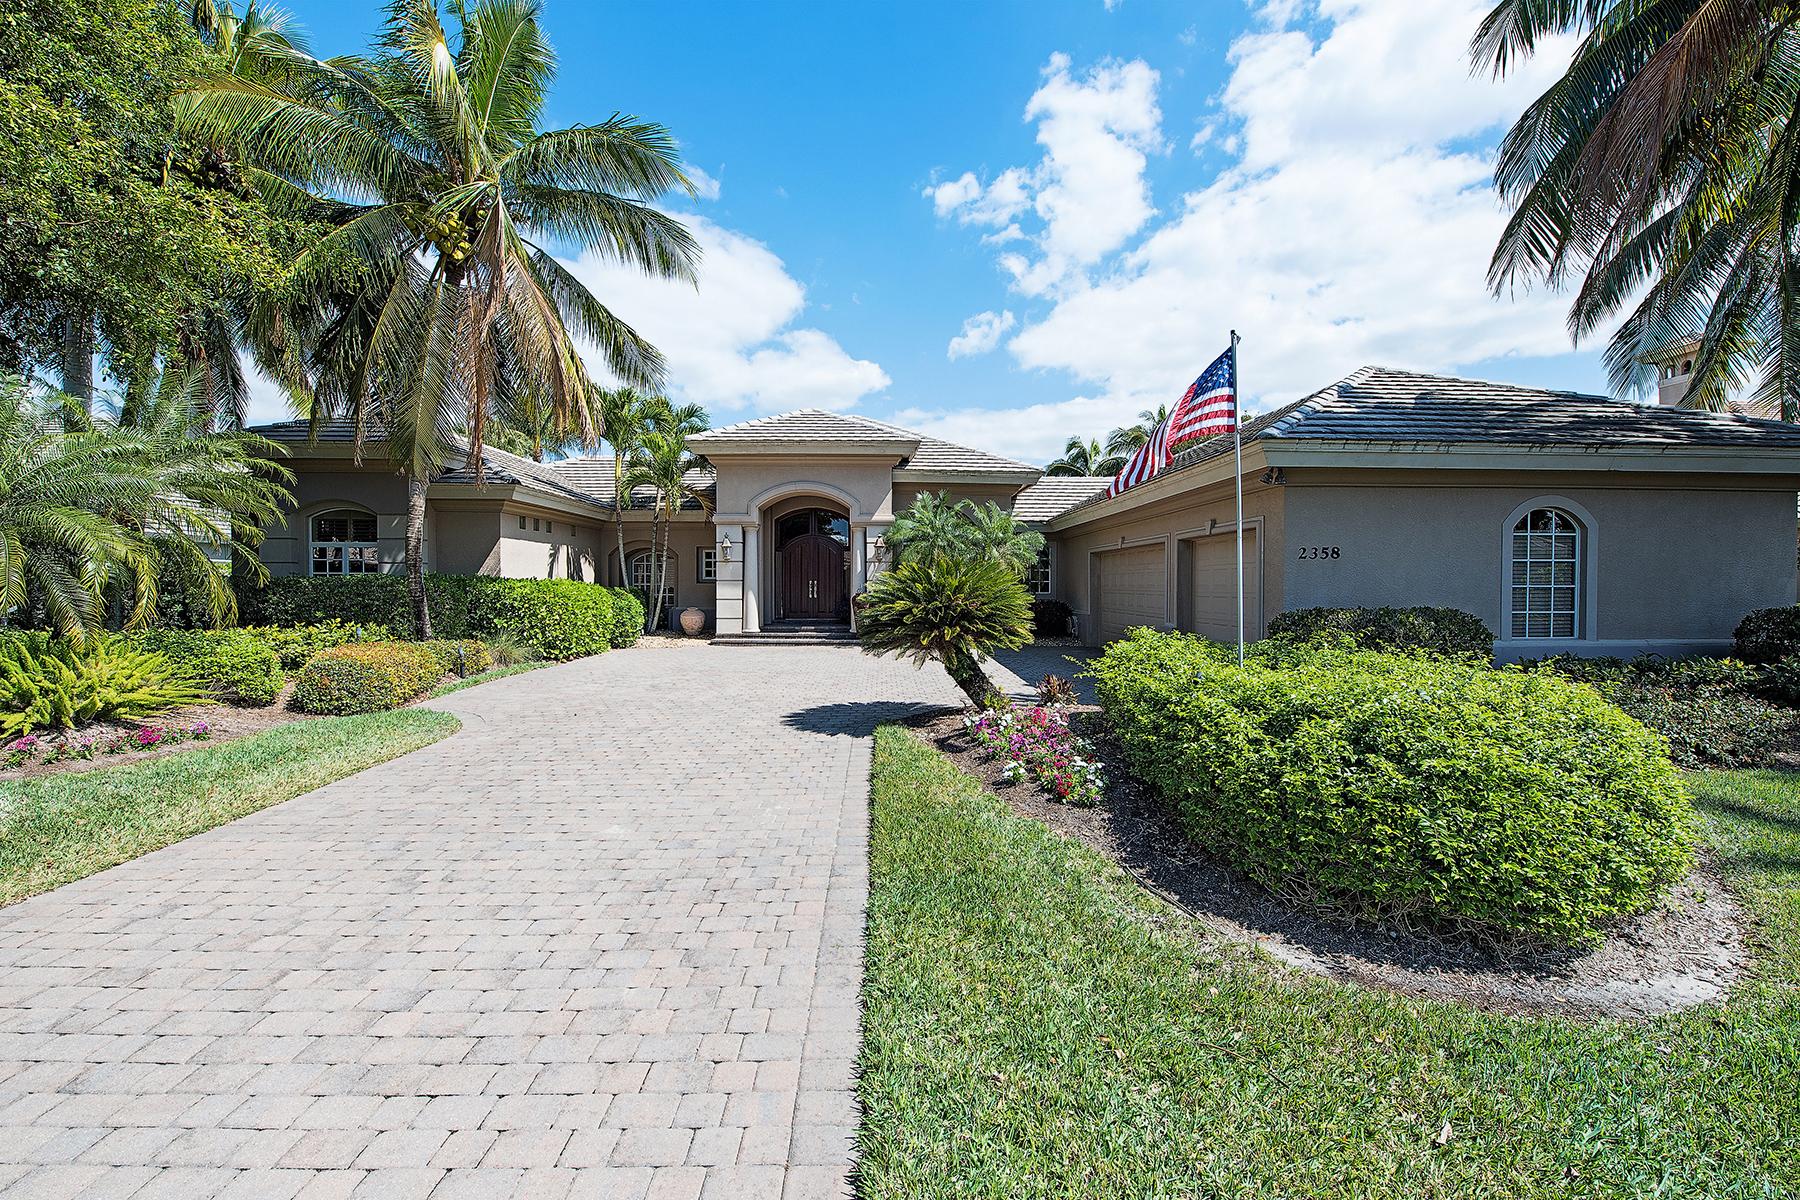 Casa para uma família para Venda às Naples 2358 Alexander Palm Dr Naples, Florida, 34105 Estados Unidos